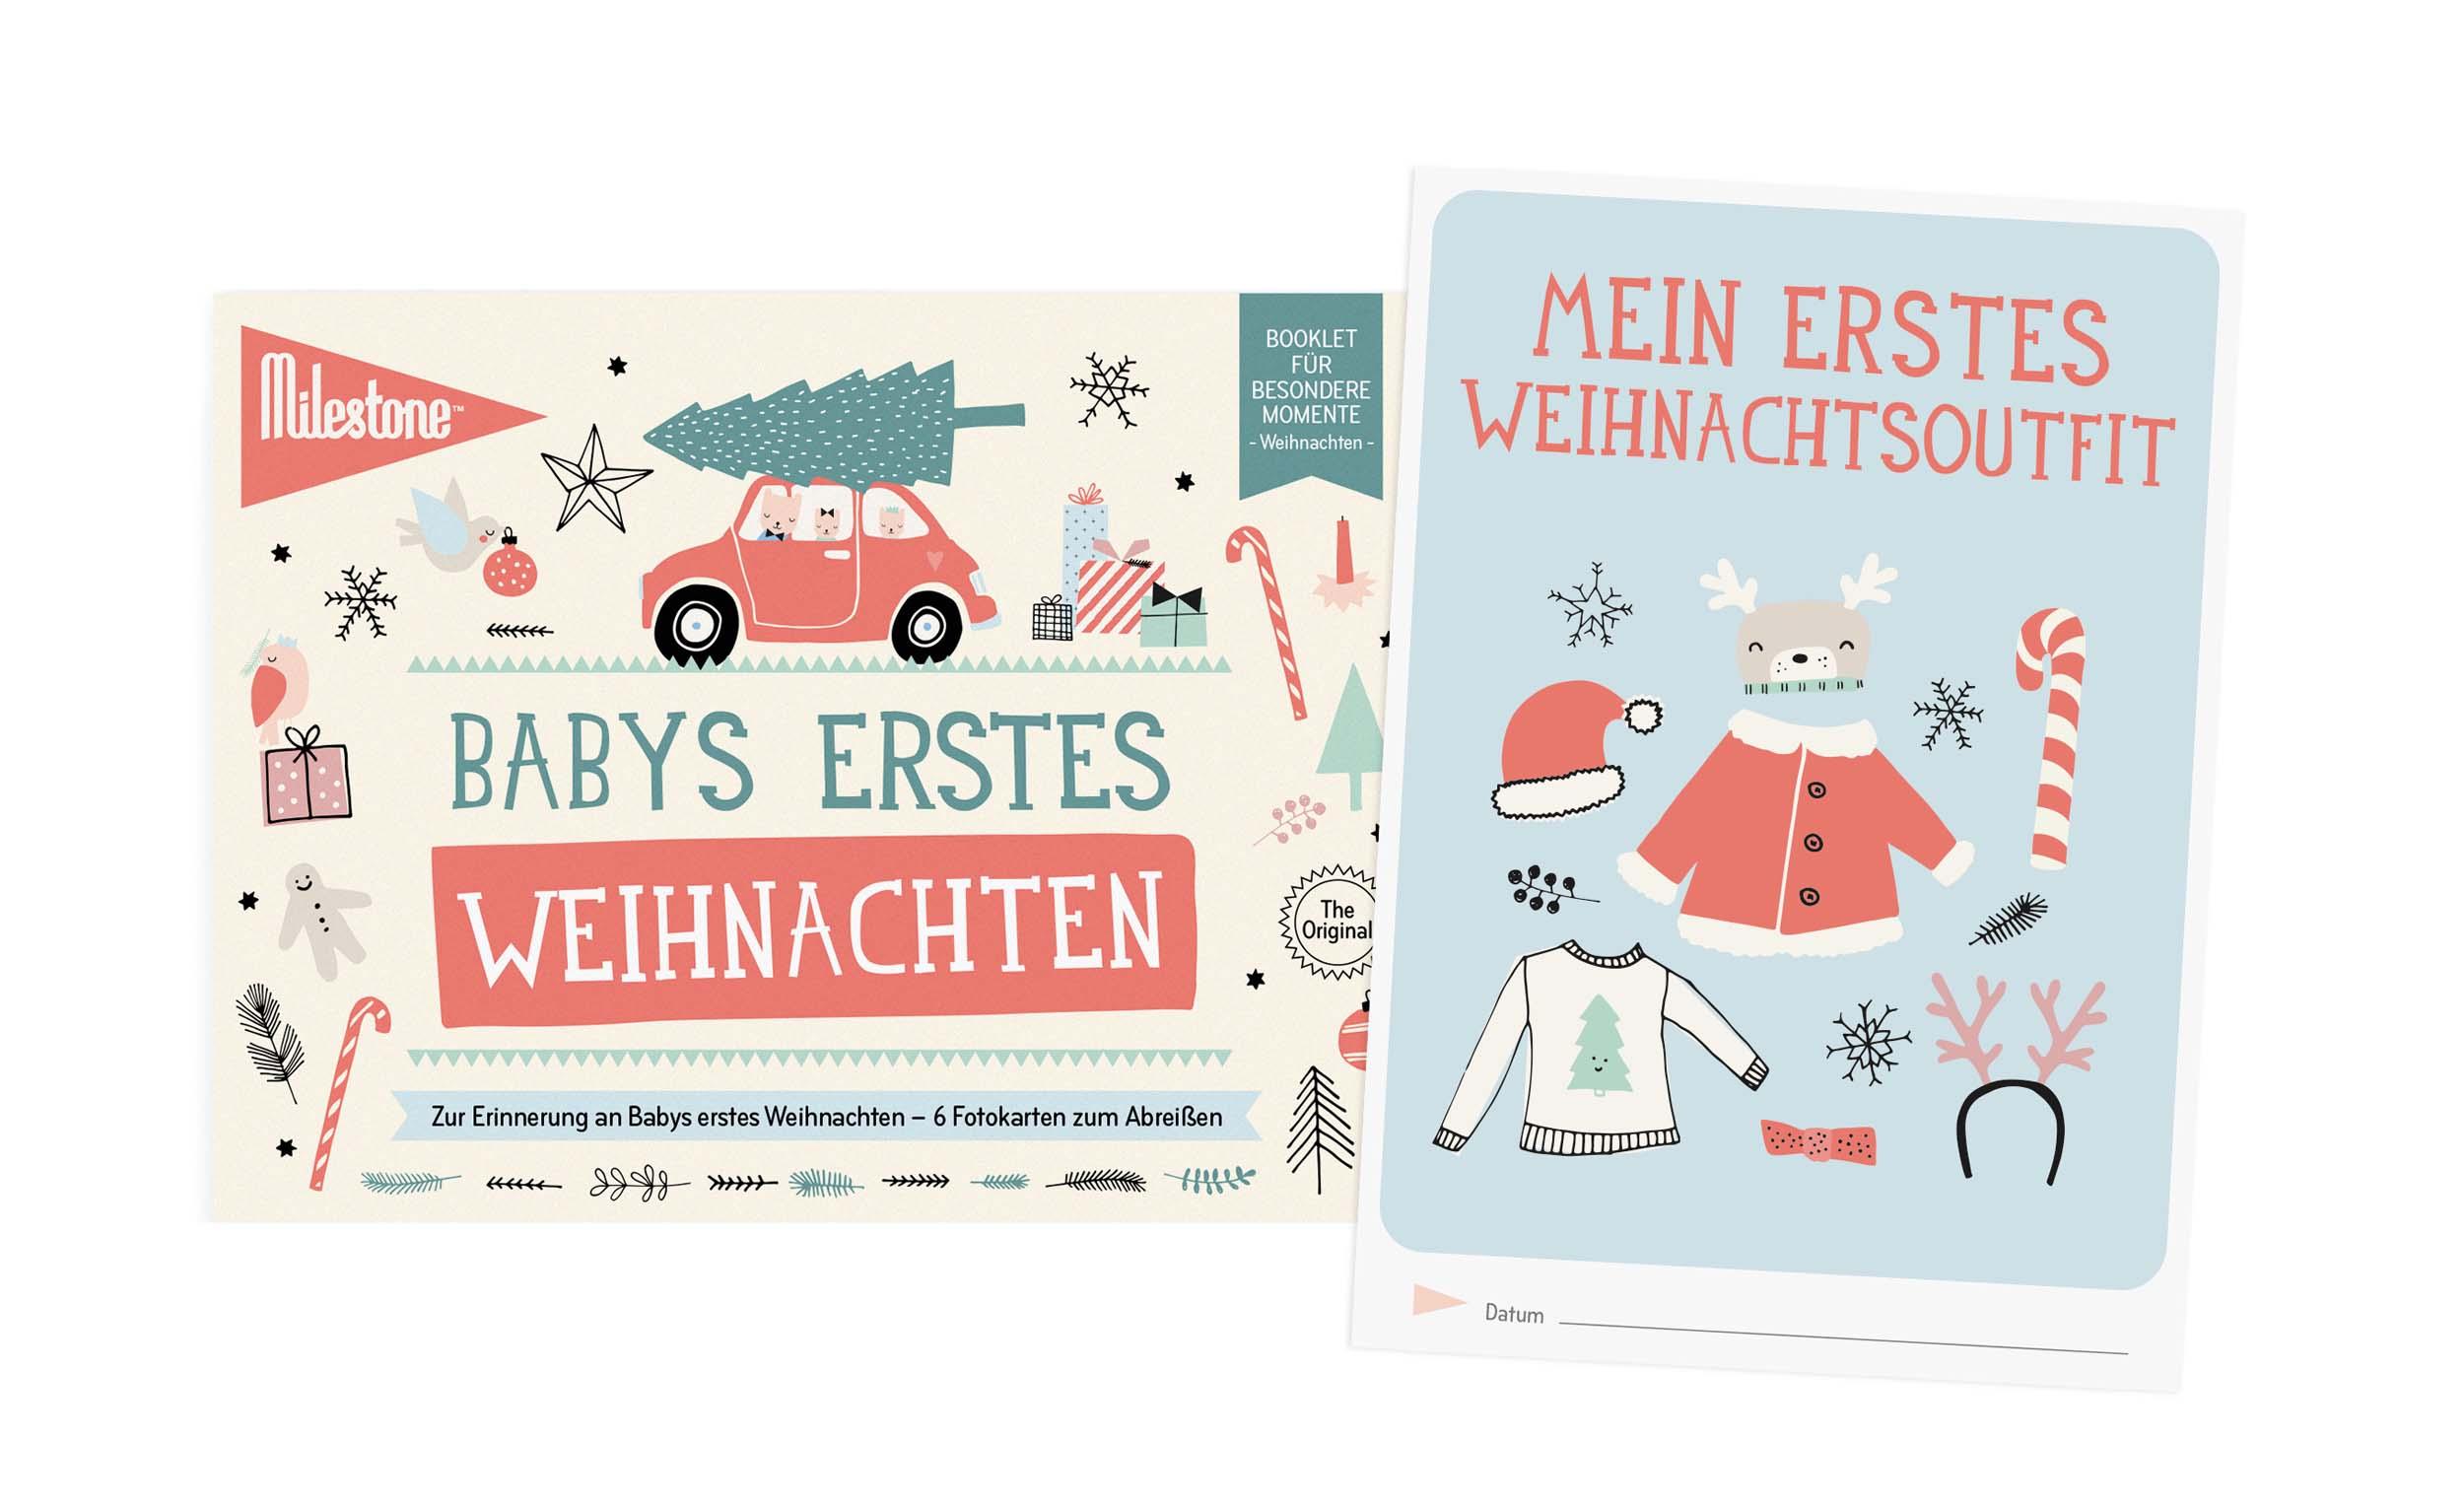 milestone booklet baby erstes weihnachten wickeltaschen. Black Bedroom Furniture Sets. Home Design Ideas